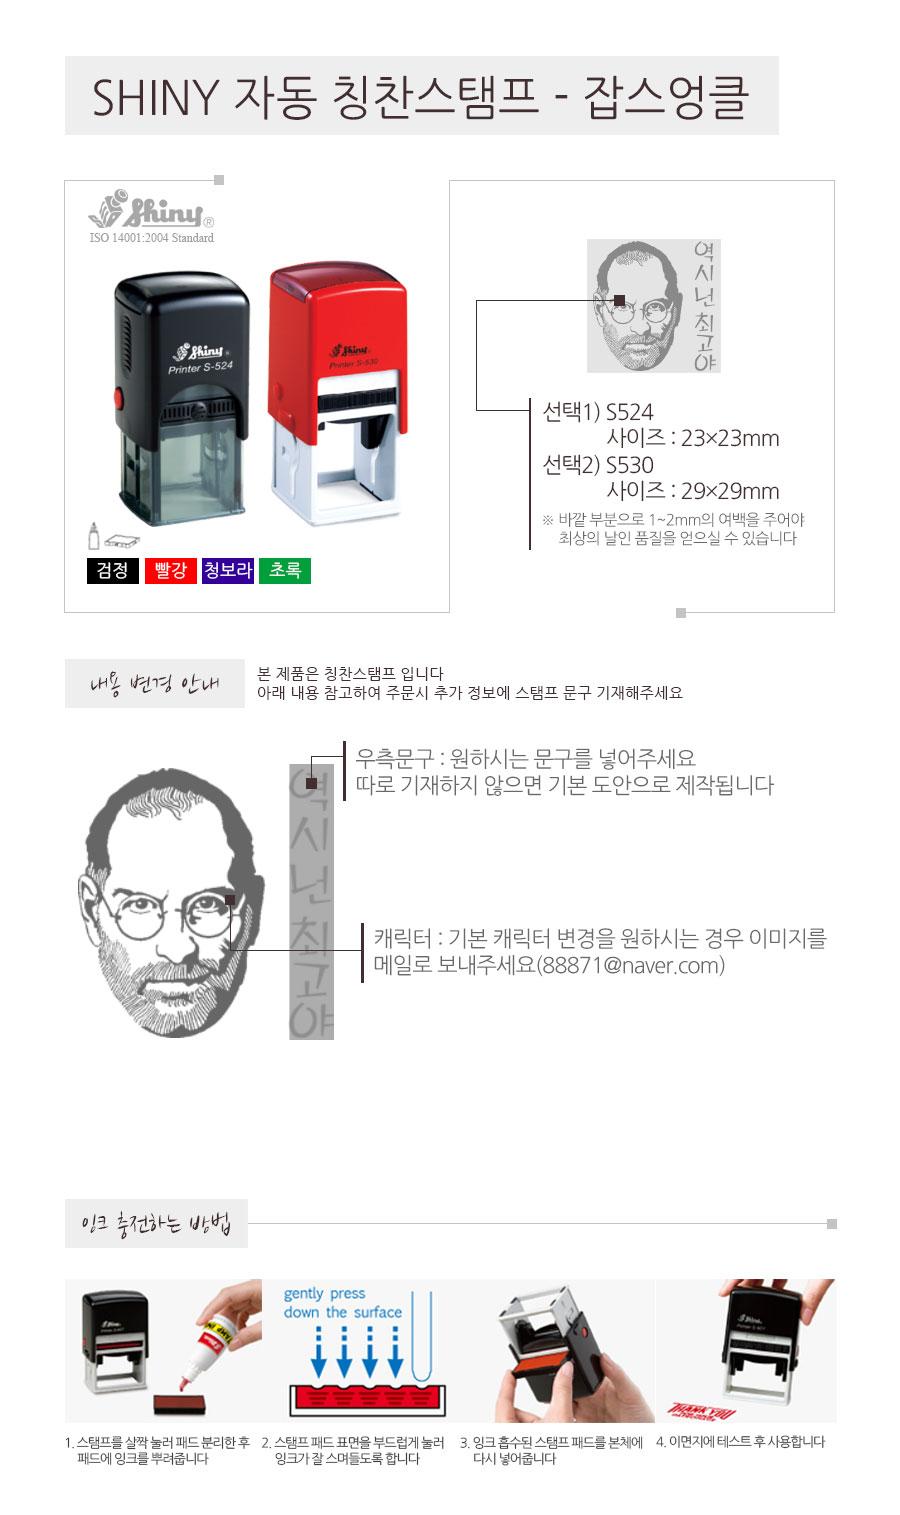 주문제작 칭찬스탬프 선생님스탬프 잡스엉클 - 고무인닷컴, 16,500원, 스탬프, 주문제작스탬프